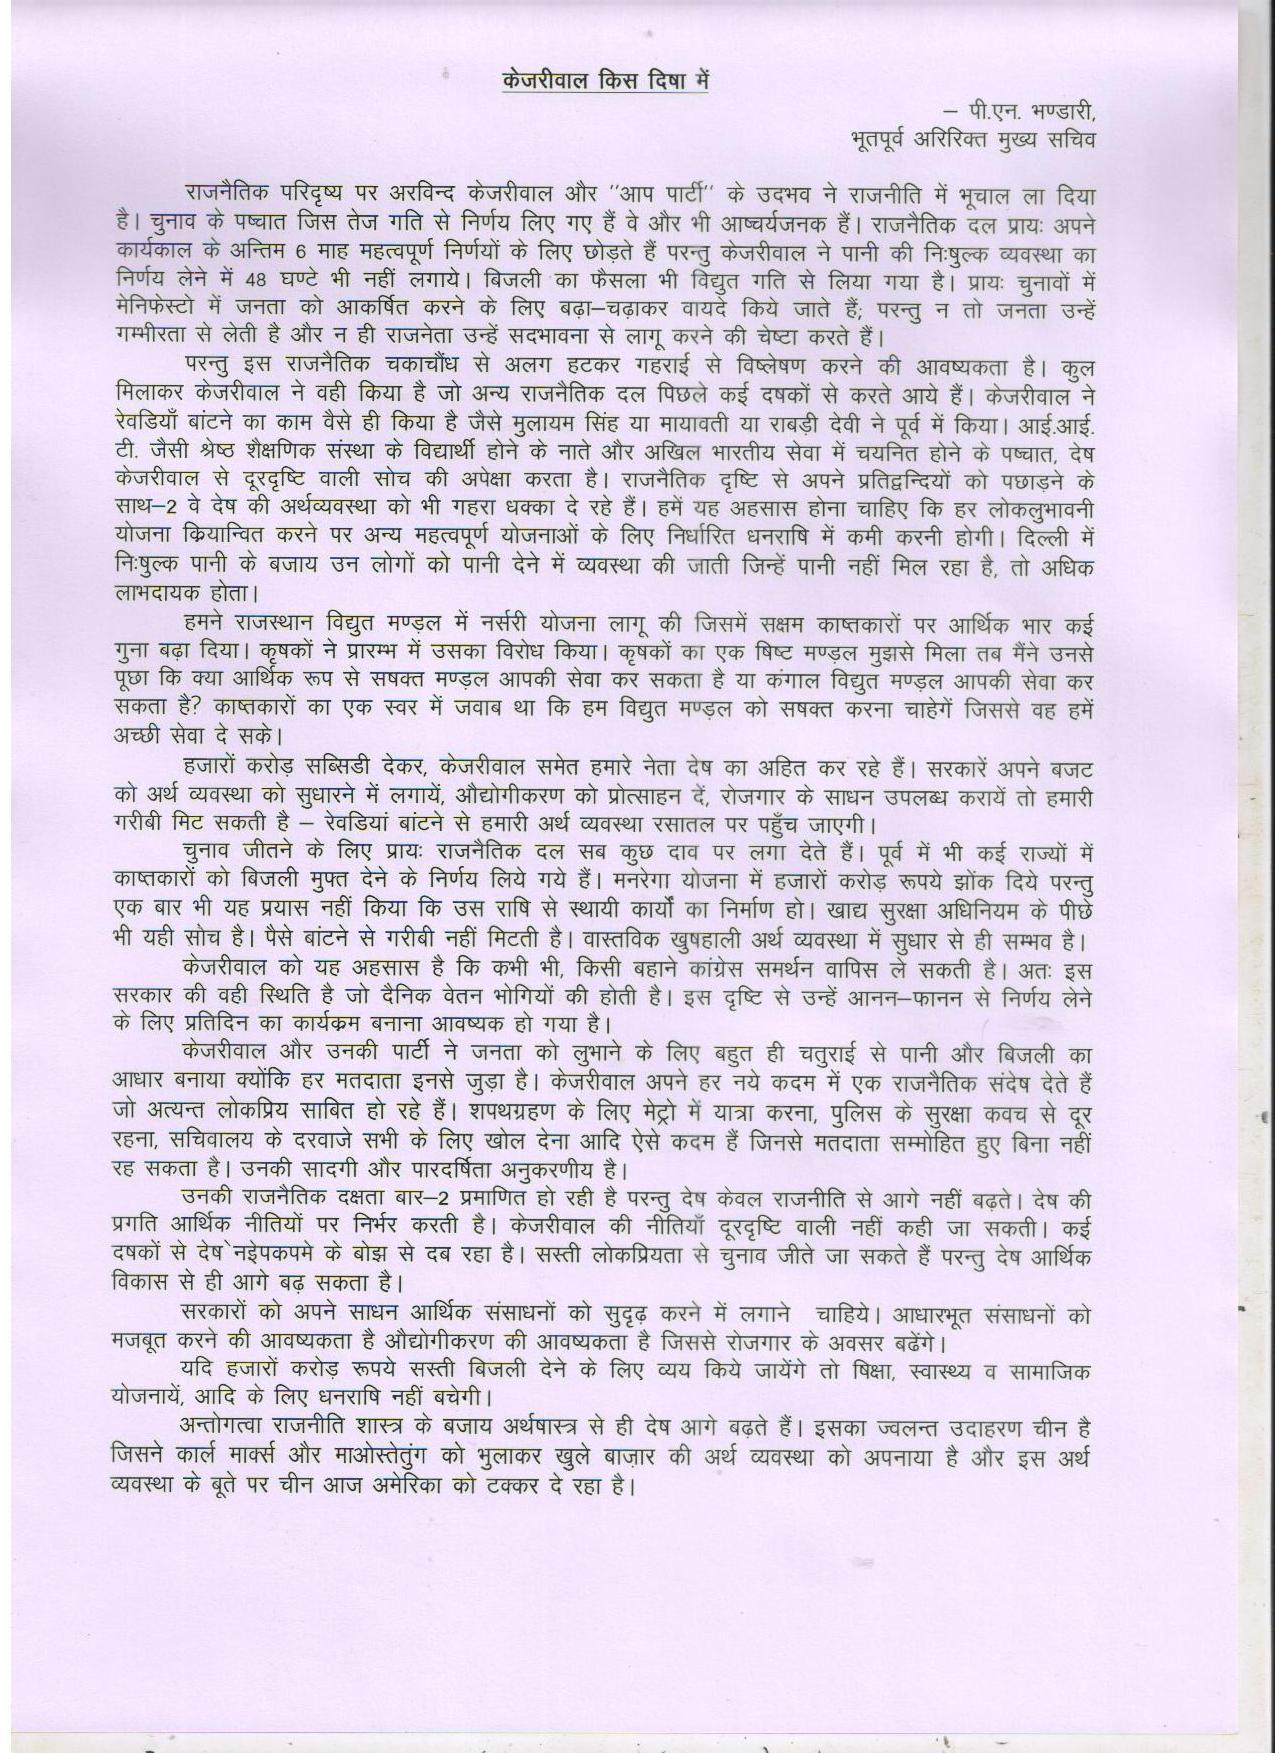 Kejriwal Kis Disha mein